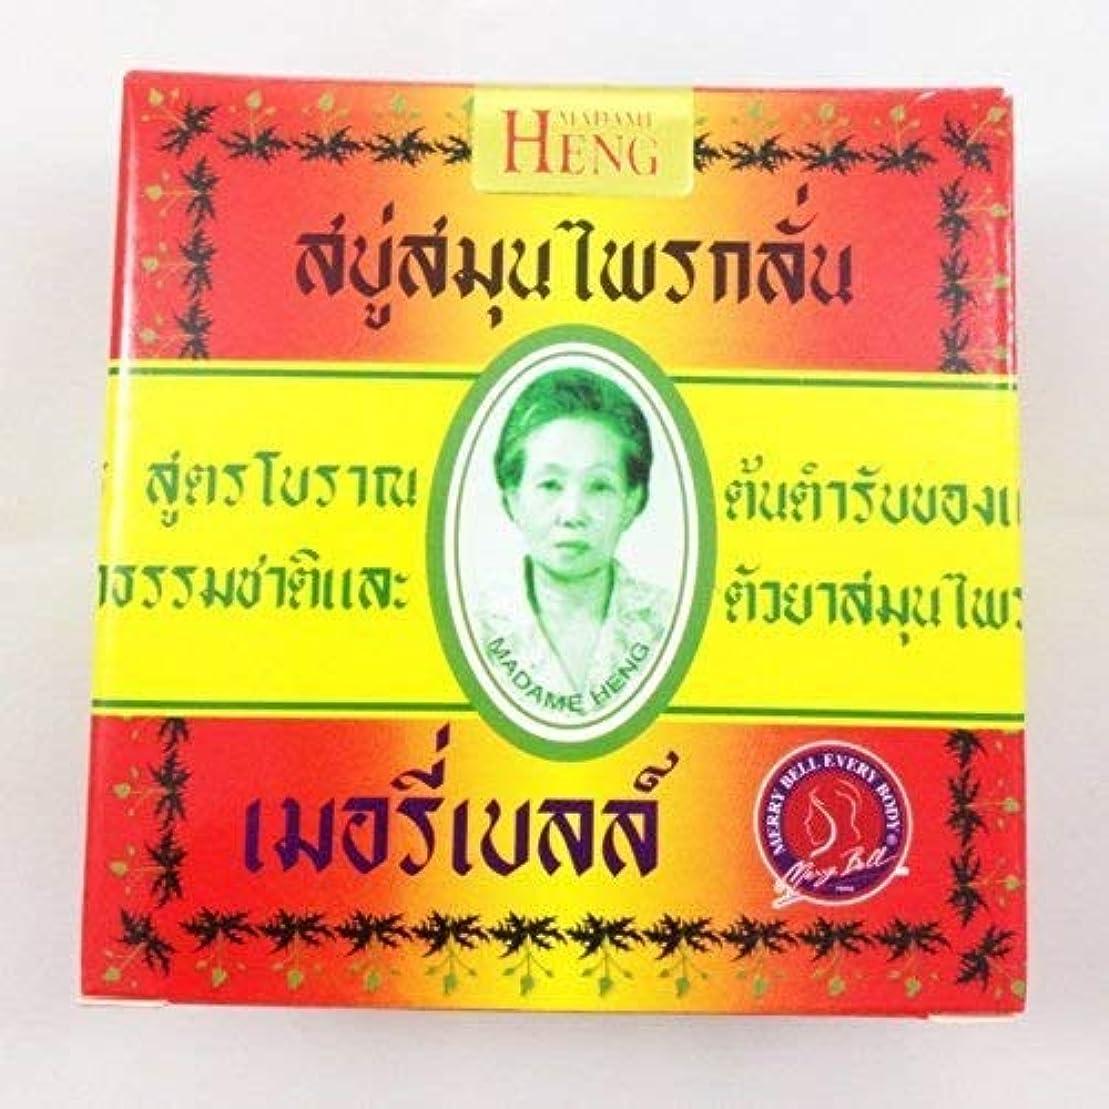 騒々しいギャップ装備するMadame Heng Thai Original Natural Herbal Soap Bar Made in Thailand 160gx2pcs by Ni Yom Thai shop